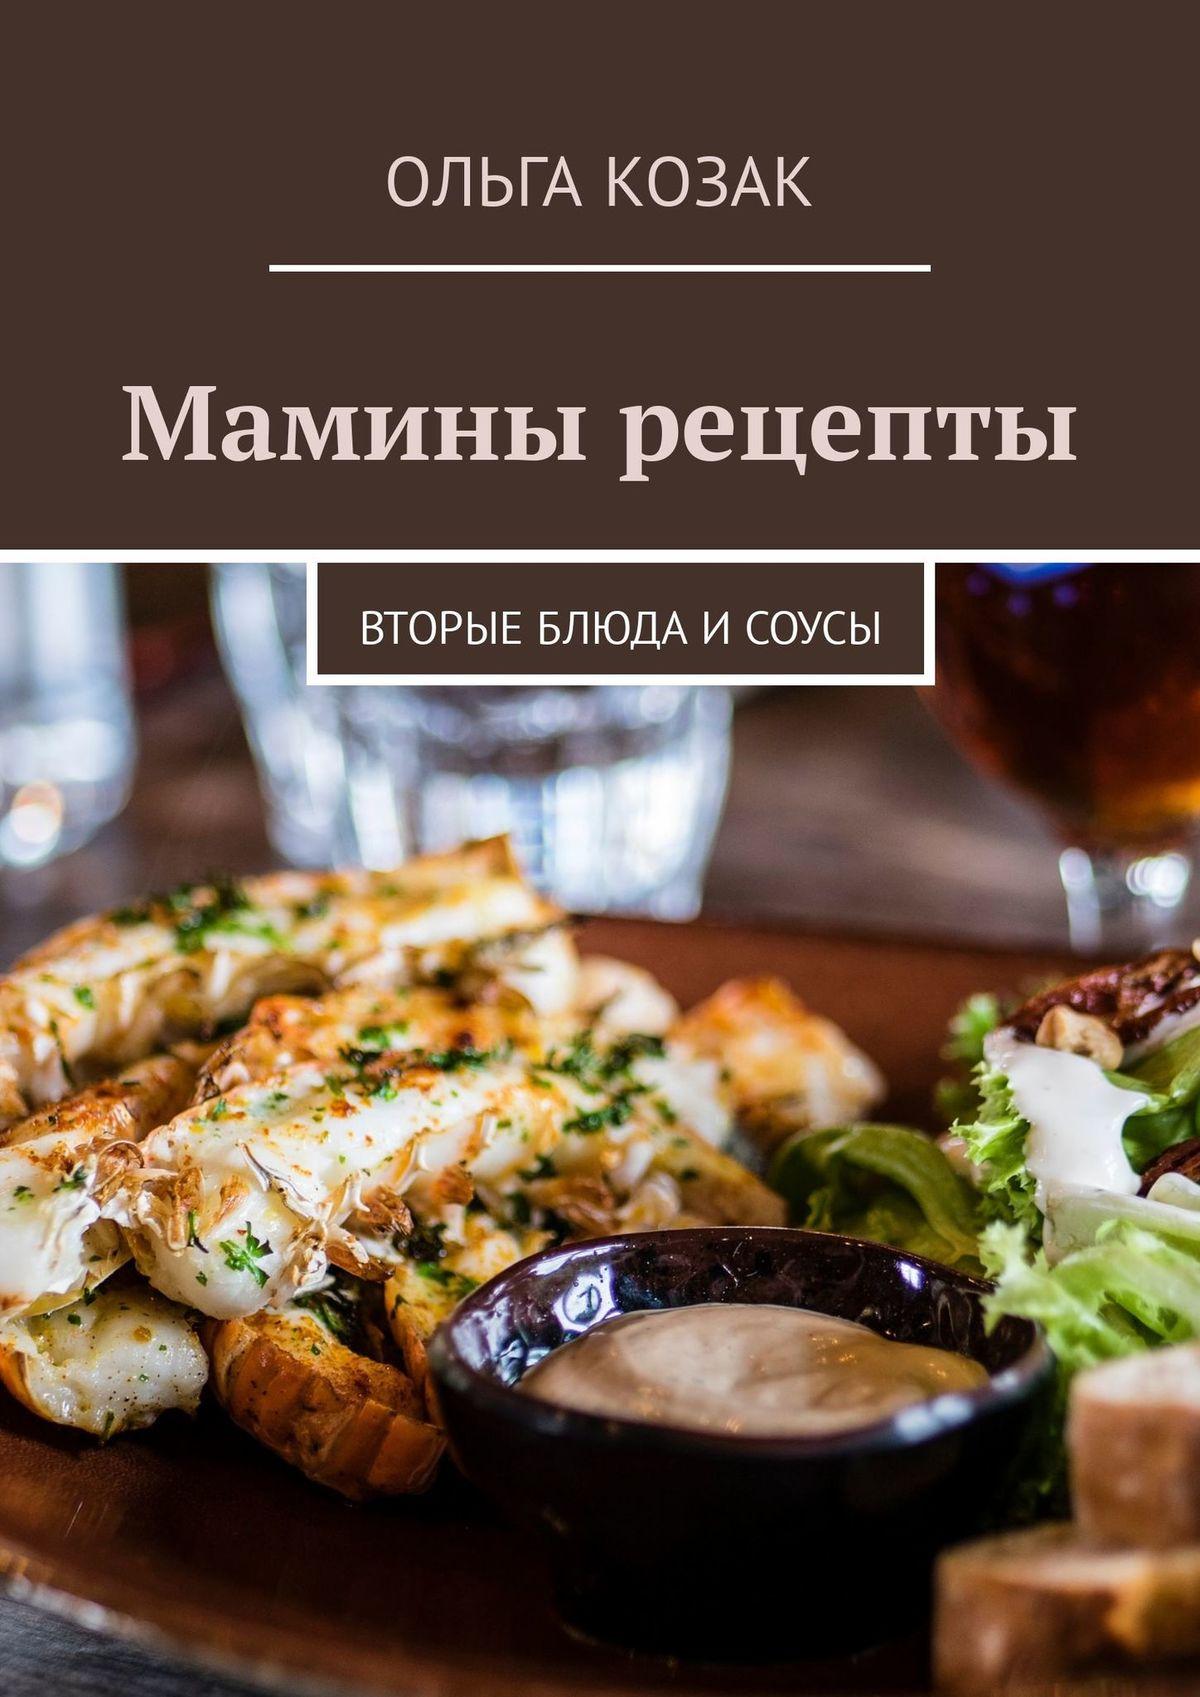 Мамины рецепты. Вторые блюда и соусы